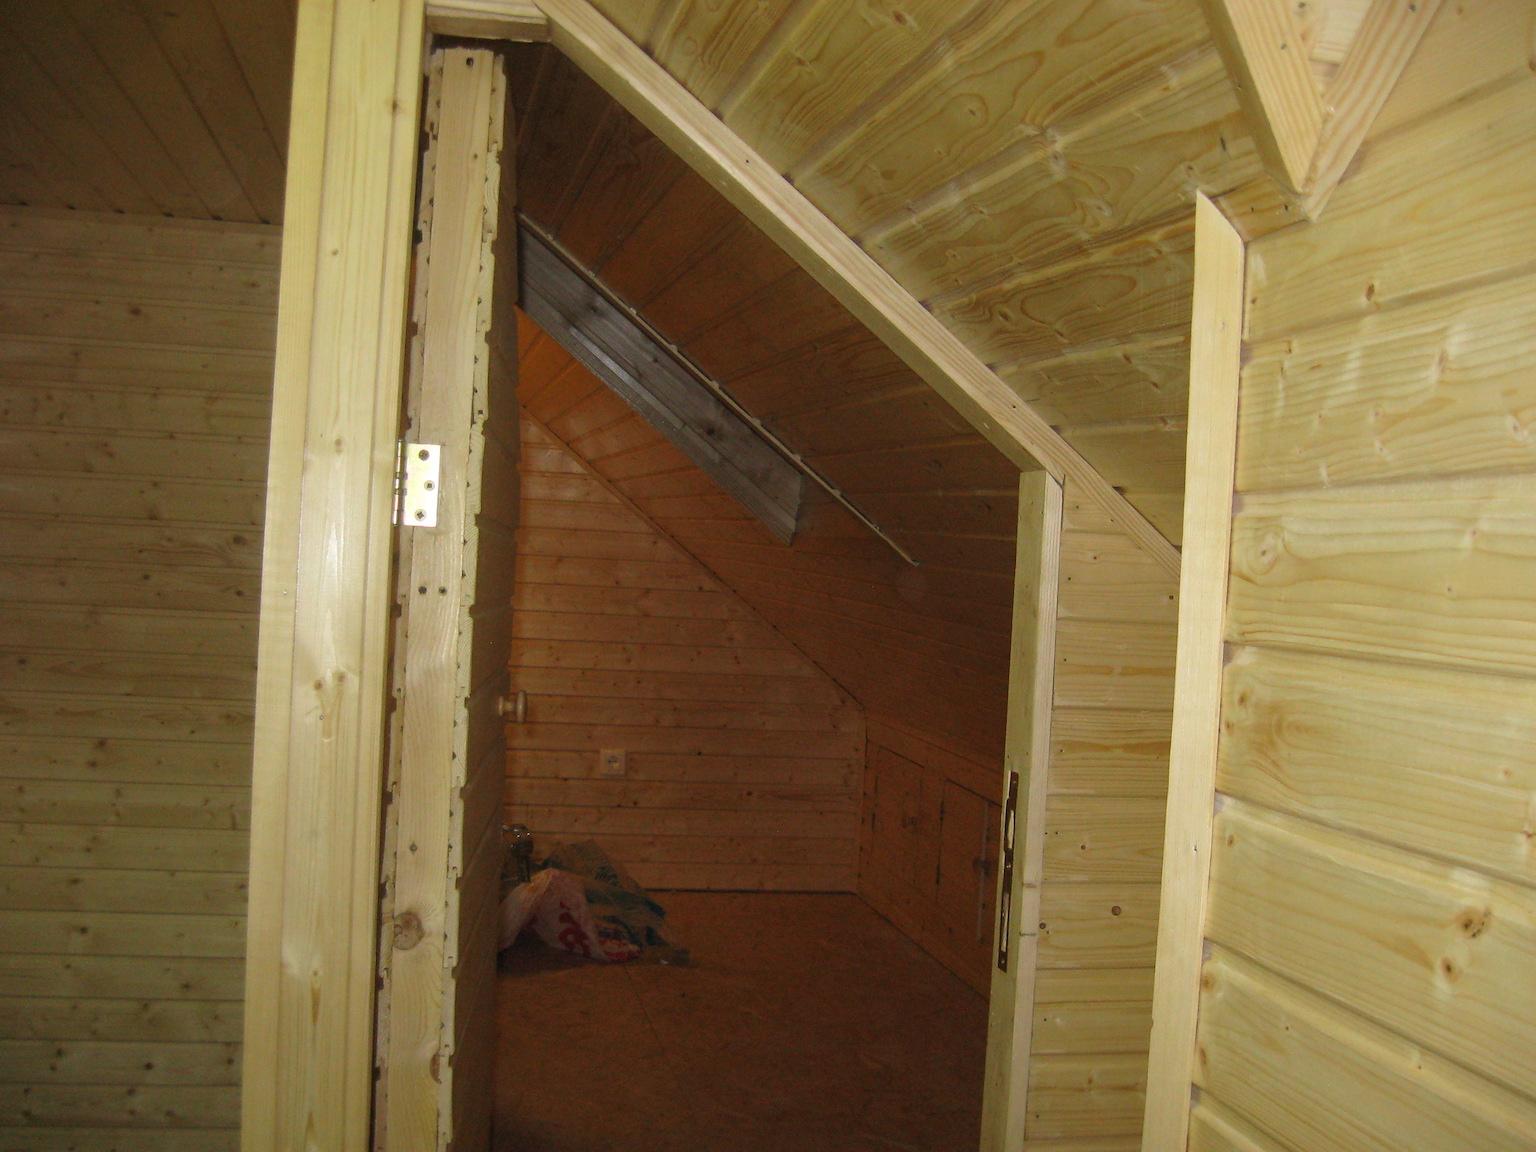 Beltéri ajtó beszerelése és beépített szekrény készítése.